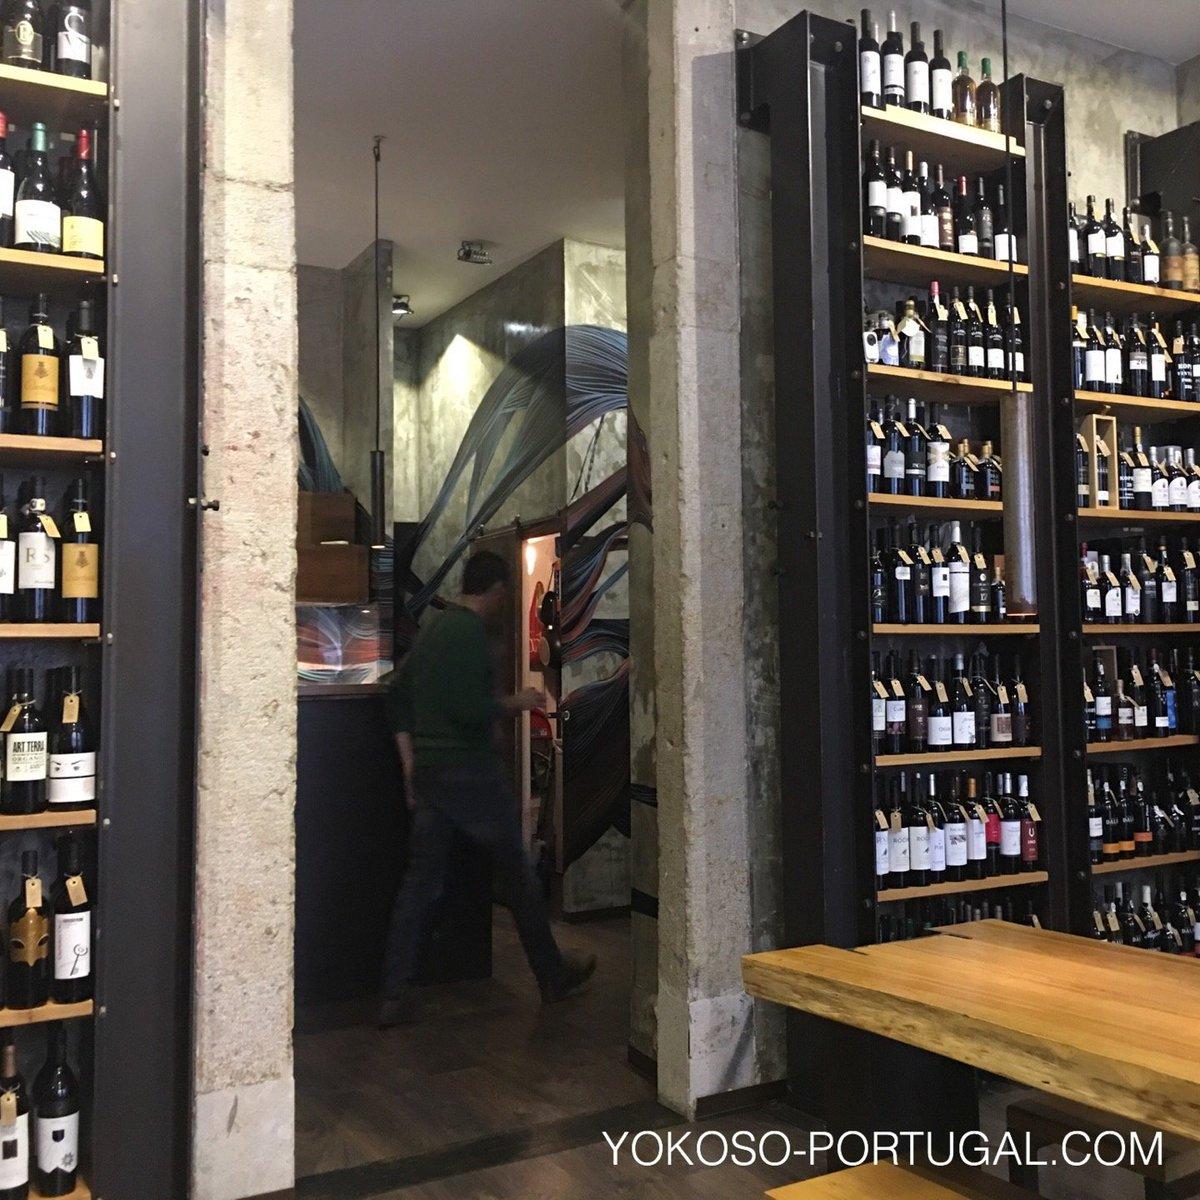 test ツイッターメディア - シアード地区にあるワインバー。ポルトガル各地からセレクトされた上質なワインが小皿料理とともに楽しめます。また展示されてるワインはすべて購入可能です。 (@ Nova Wine Bar in Lisbon) https://t.co/EziPZUhFMM https://t.co/Z2VS27lyzU